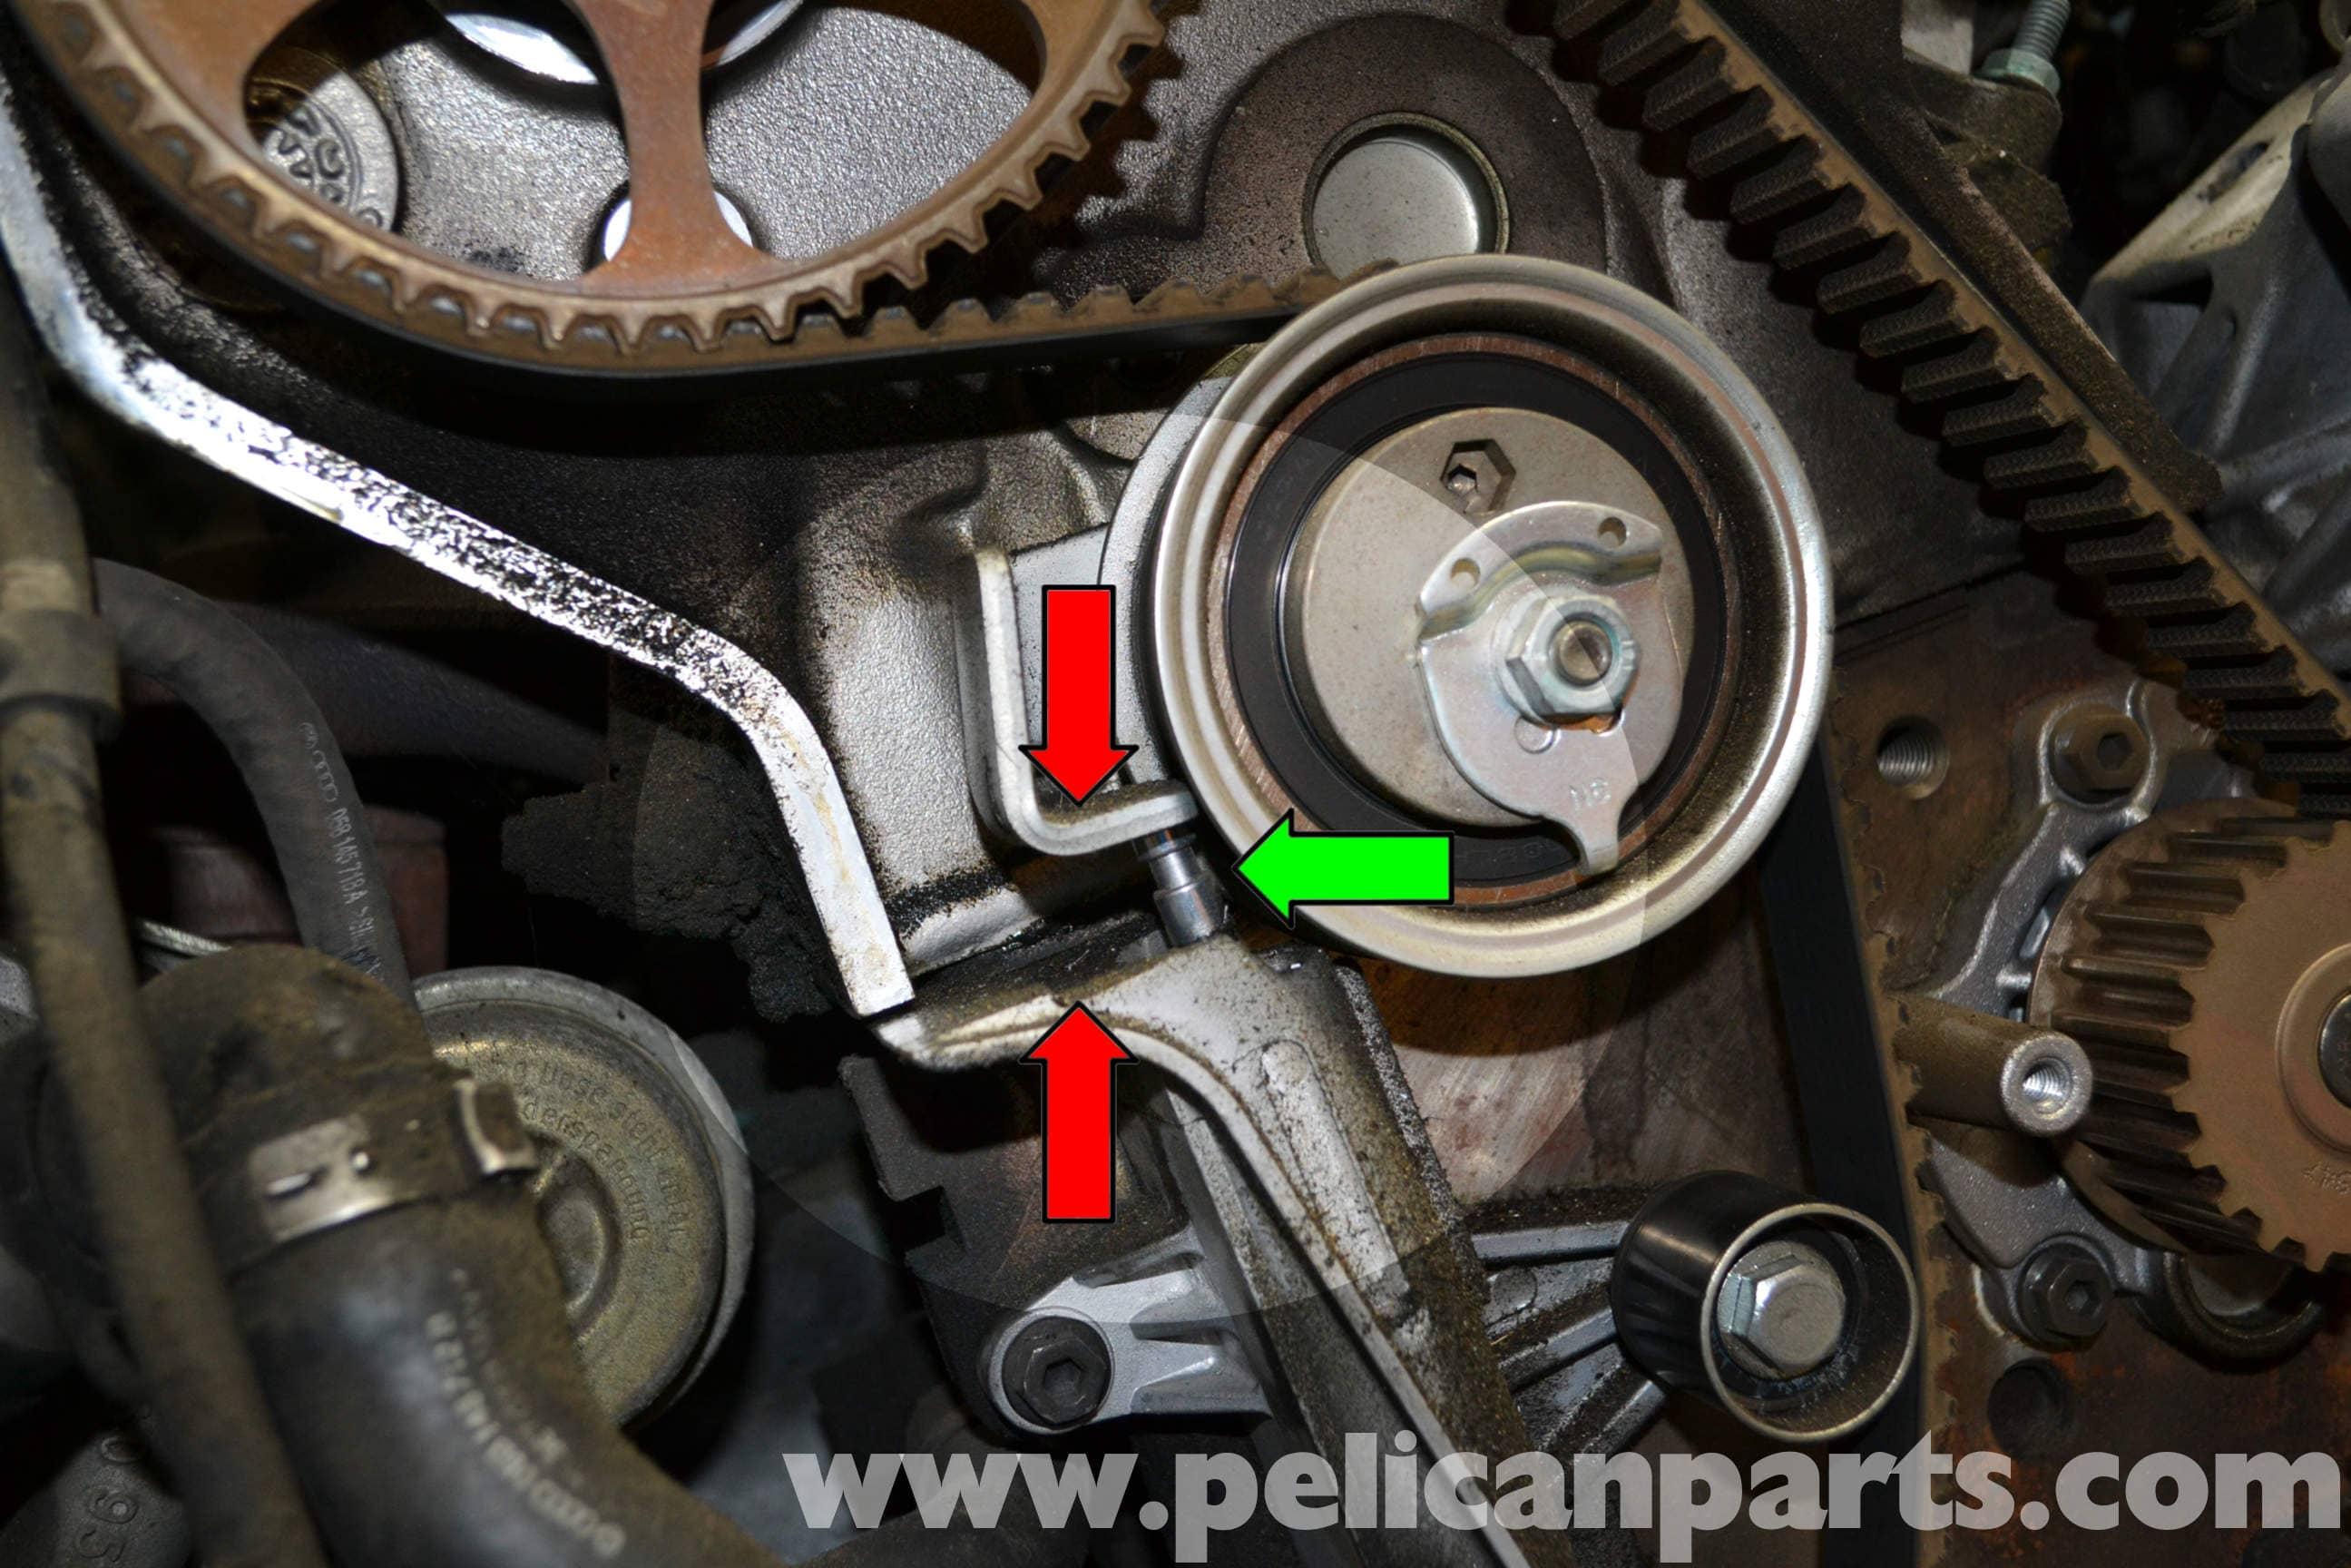 audi a4 b6 timing belt tensioner replacement 1 8t 2002 2008 rh pelicanparts com 2007 Audi A4 Engine Diagram 2007 Audi A4 S-Line